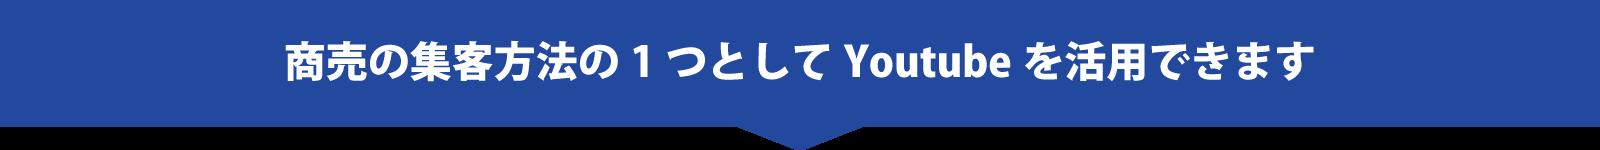 福山市iPhone動画セミナー